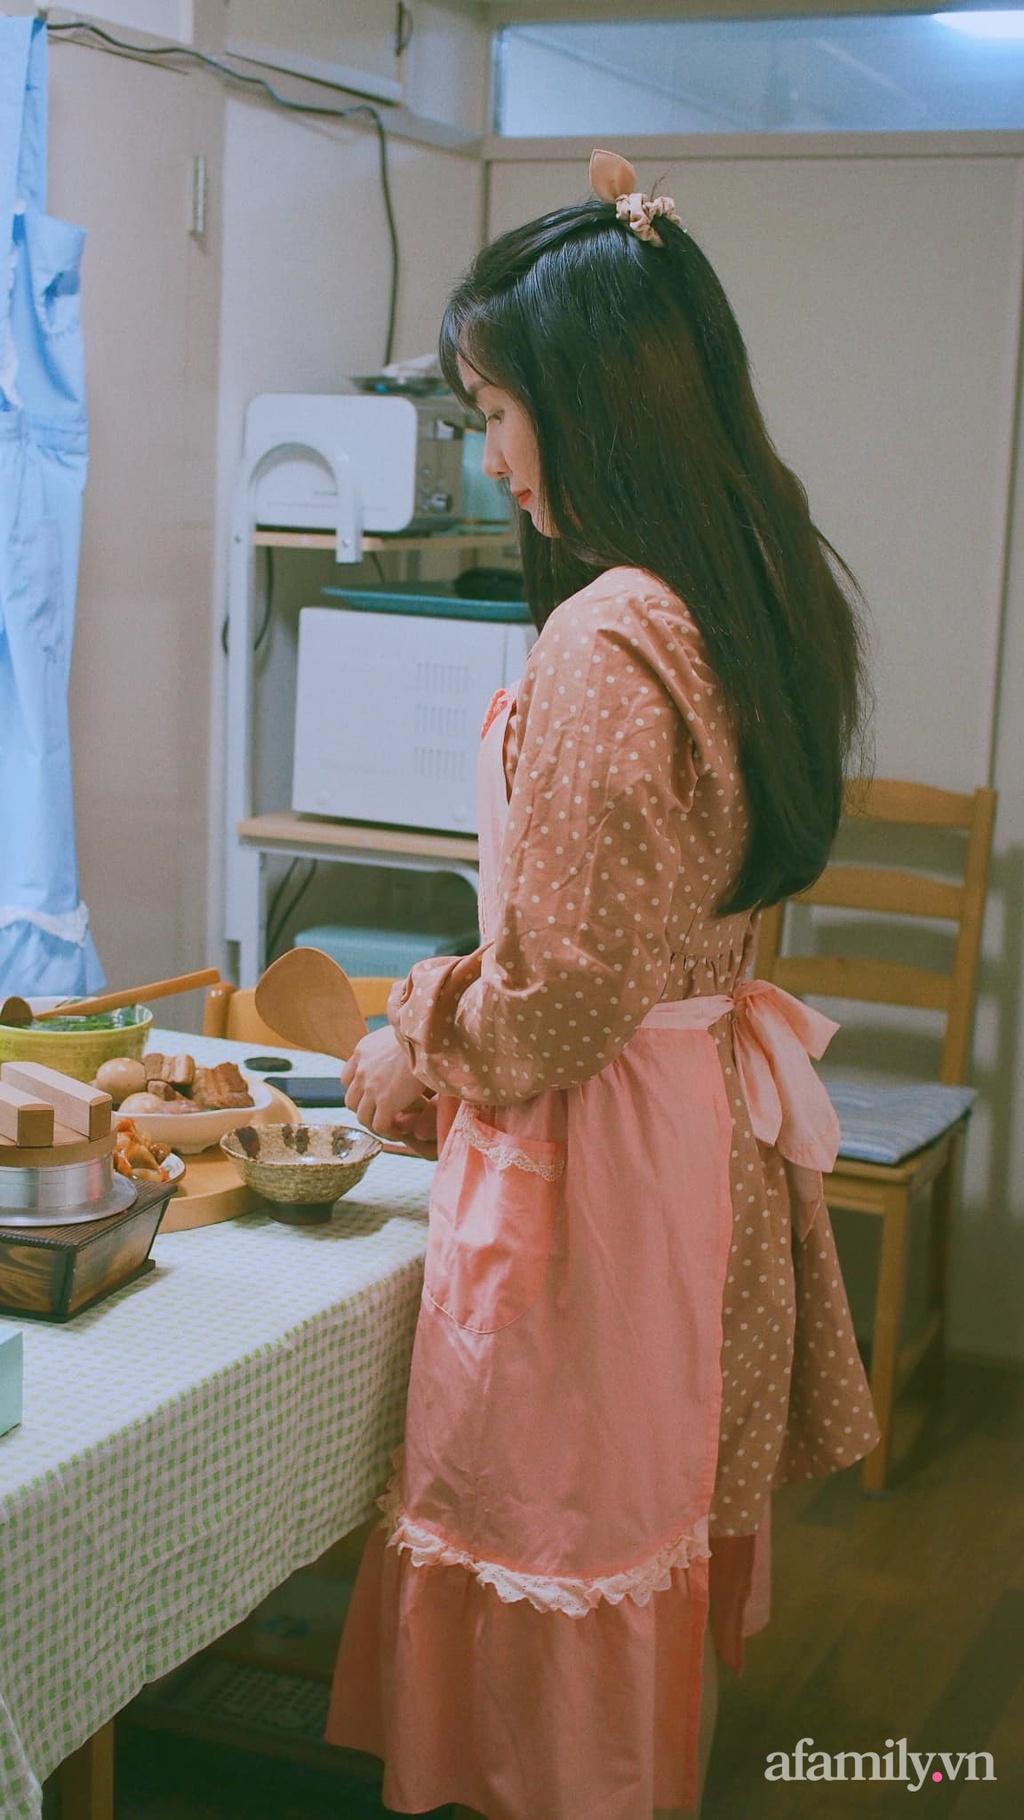 """Nấu hộp cơm mang cho chồng giá chỉ 100K ở xứ người, vợ Việt tại Nhật bật mí bí kíp đi chợ """"rau củ lưu động"""" đặc biệt không giống ai"""